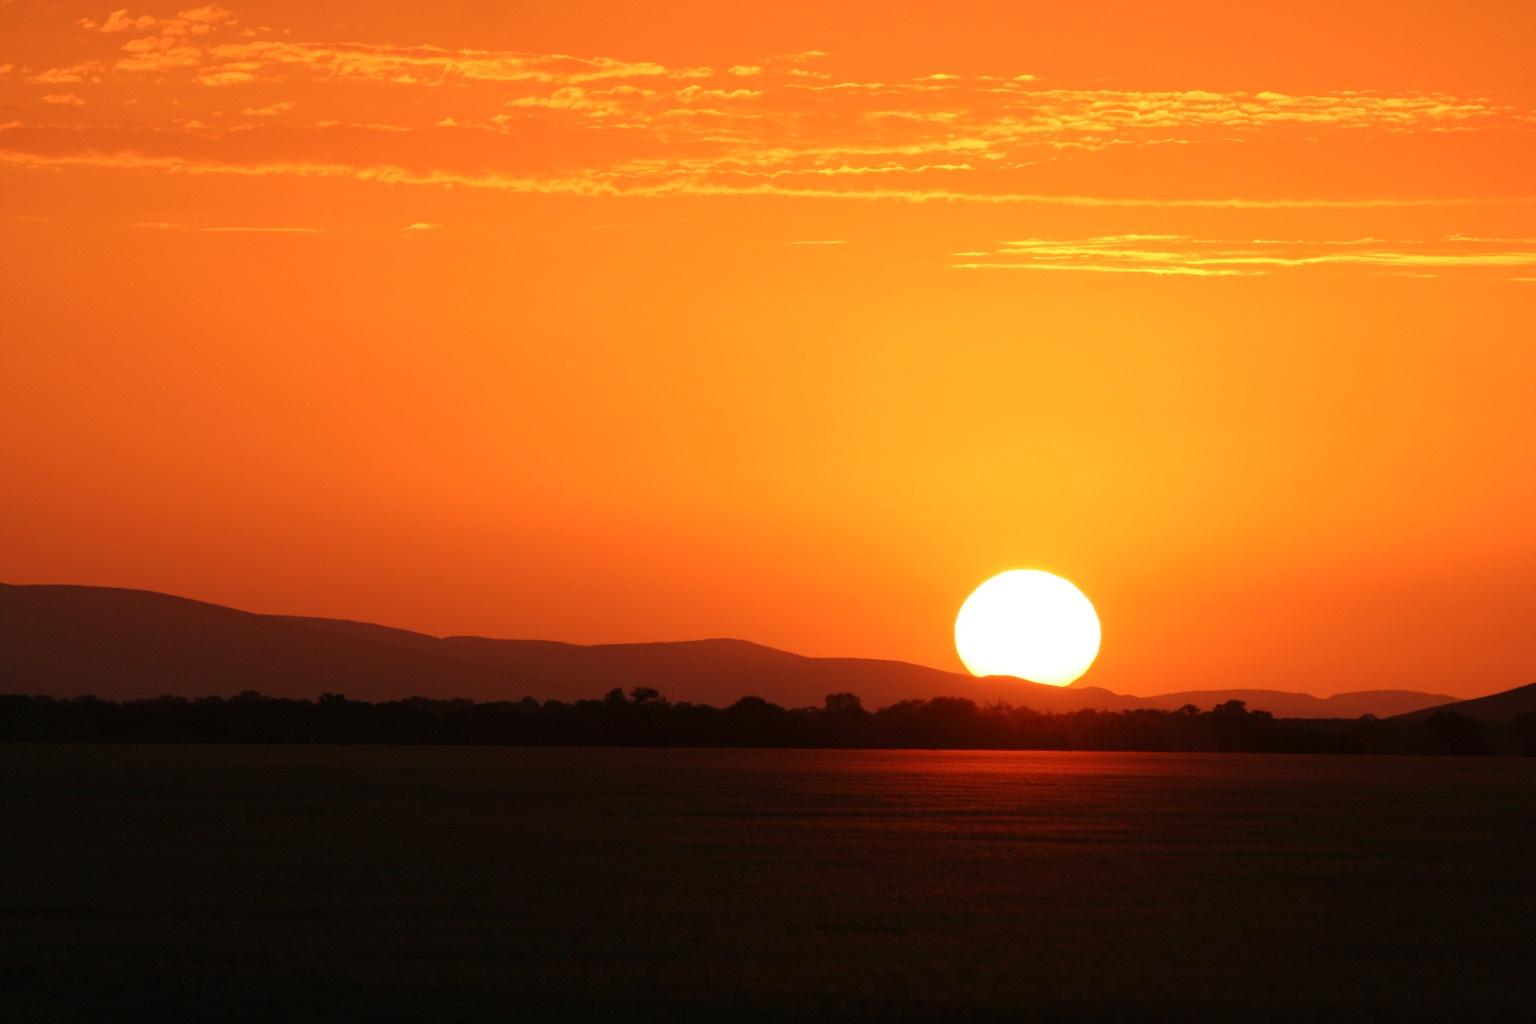 Sunset in Namib desert